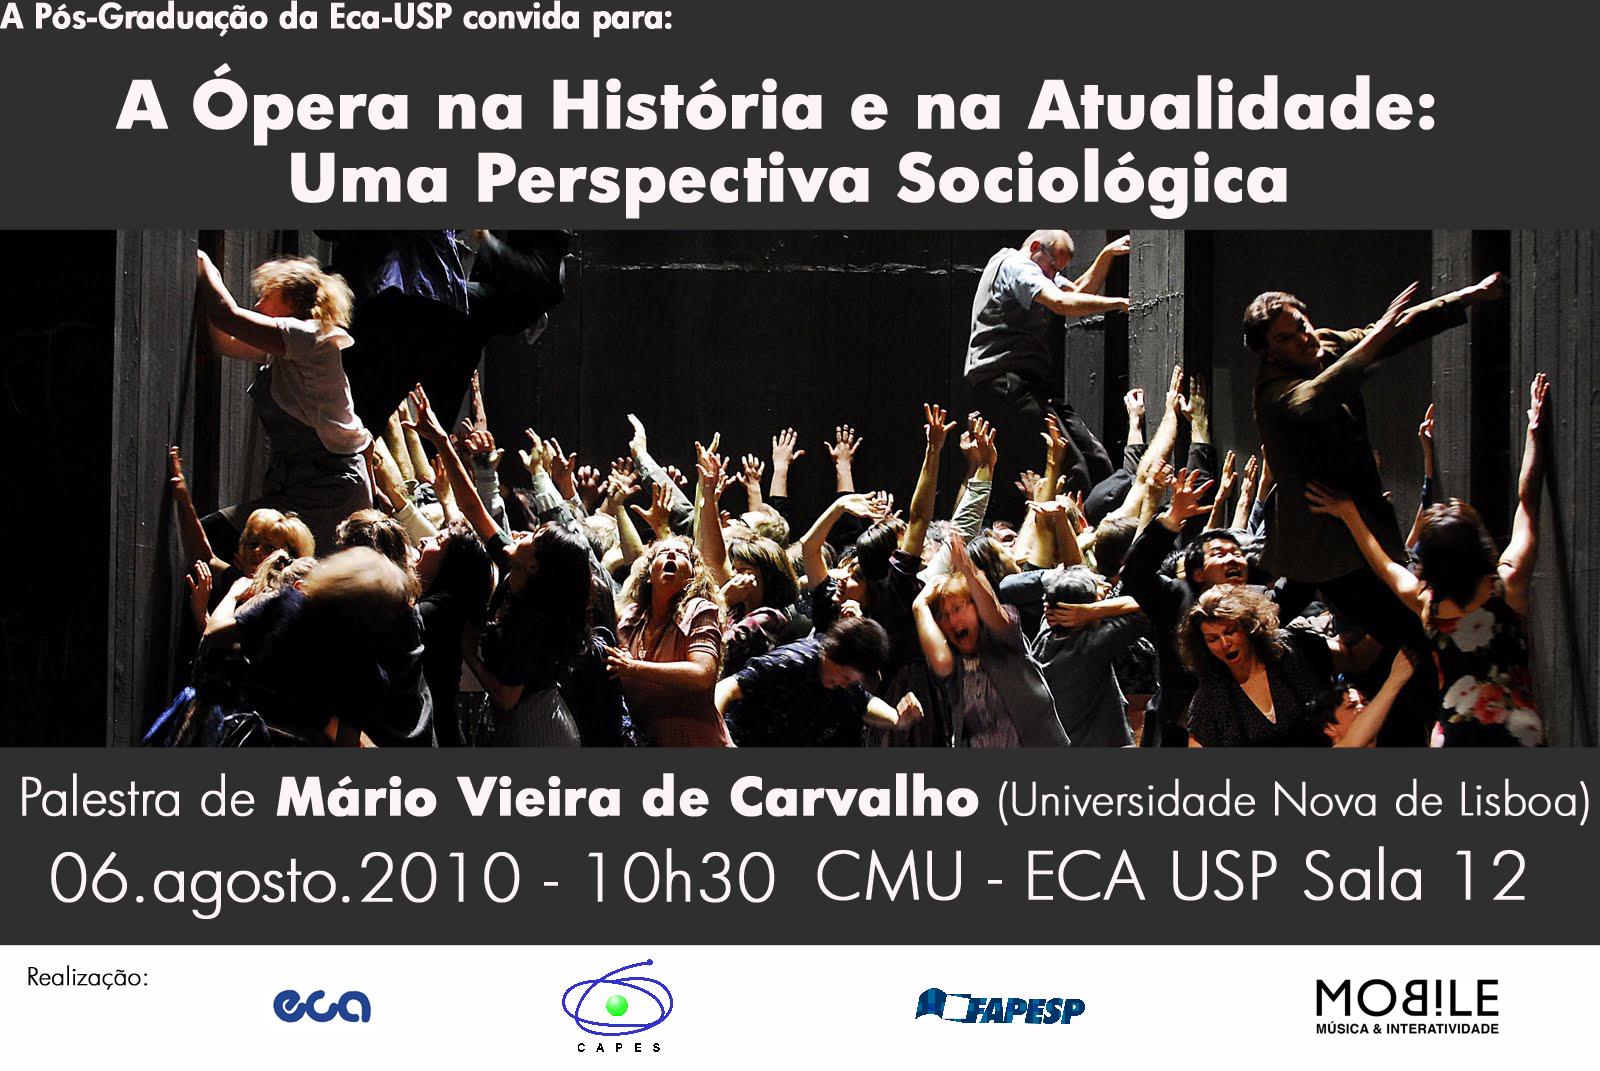 Mário Vieira de Carvalho